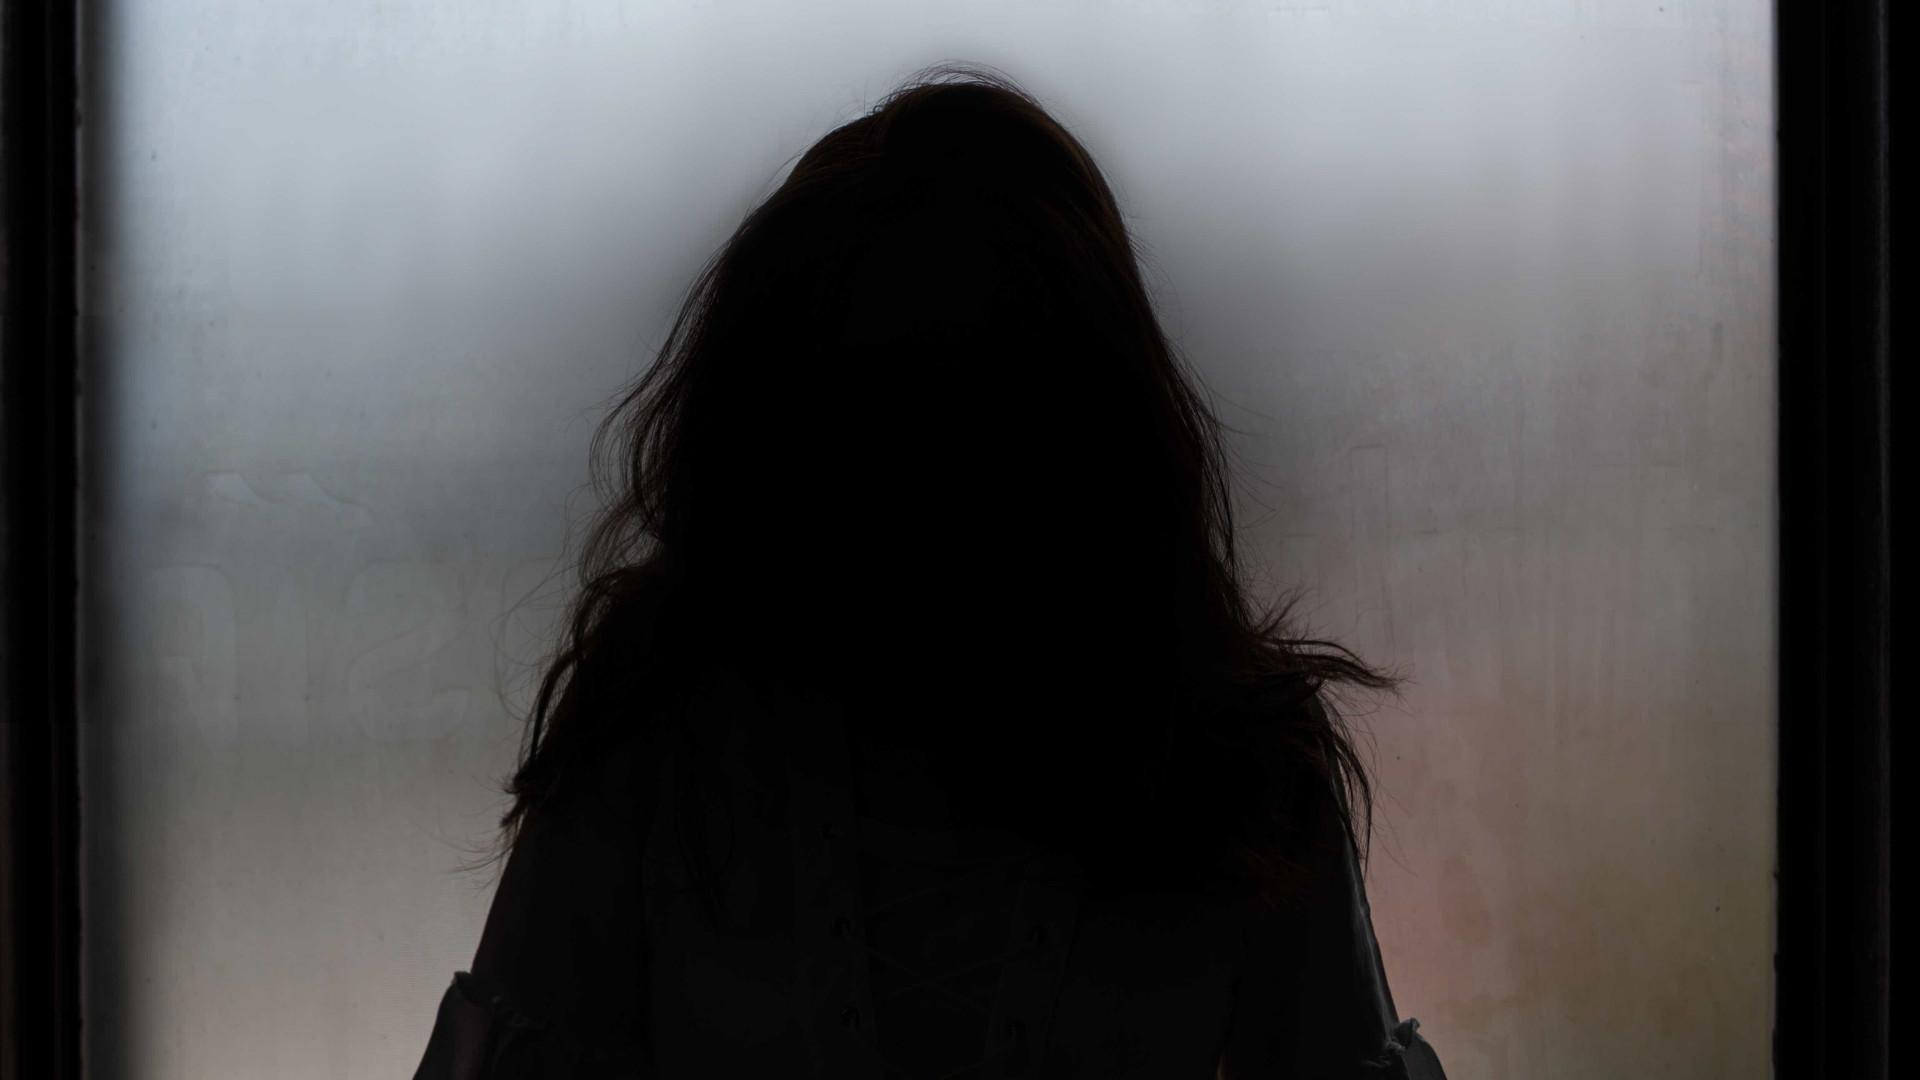 'Não sabia que era errado', diz menina estuprada pelo pai e avô